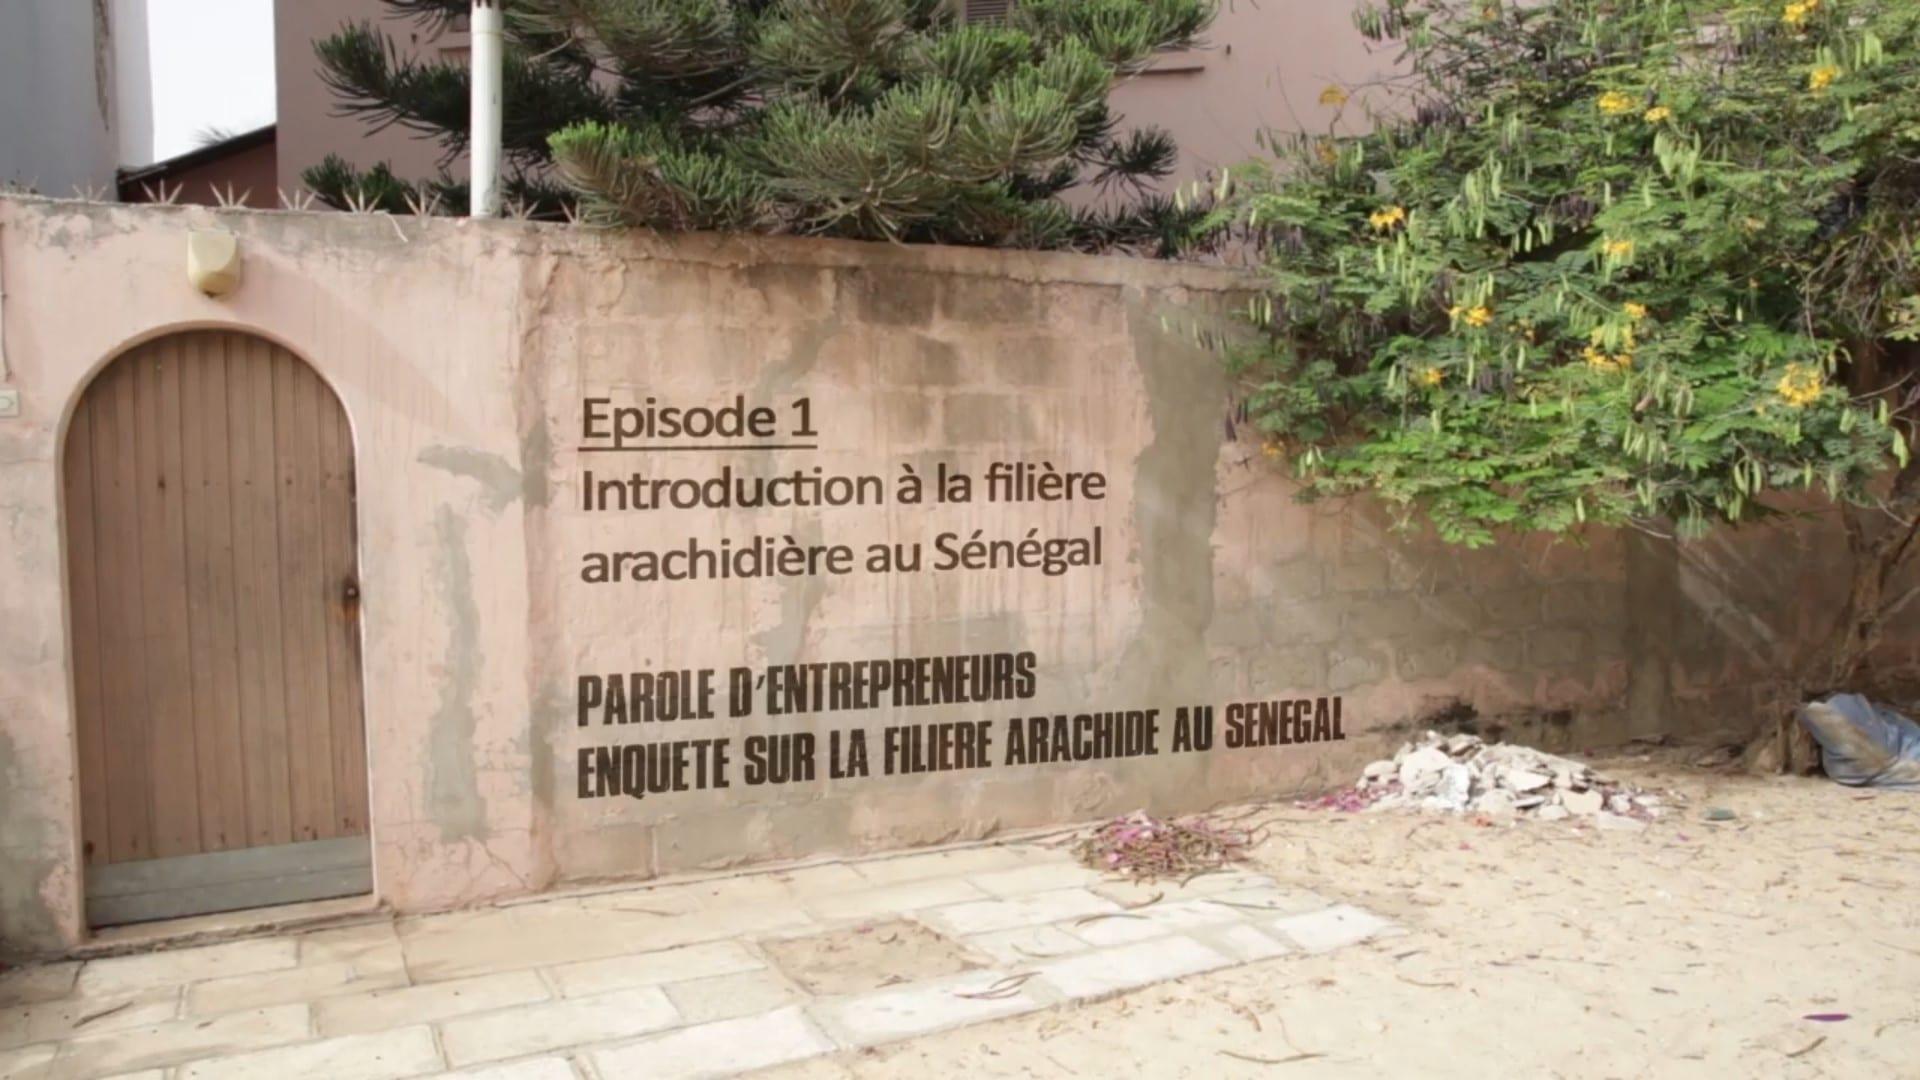 Vidéos : Filières avicole et arachide au Sénégal